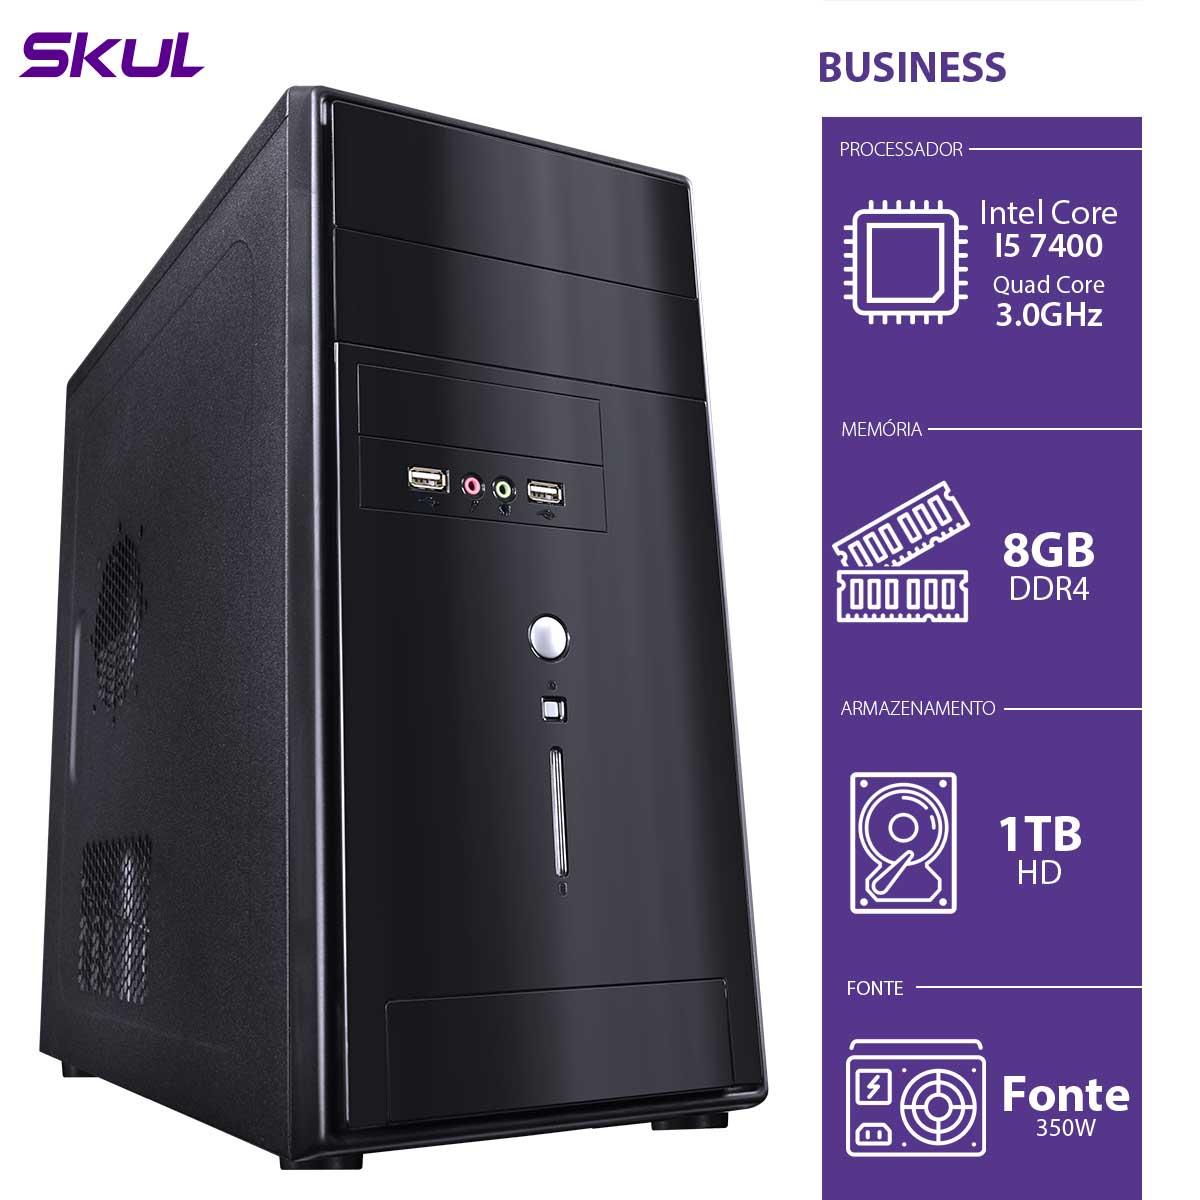 Computador Business B500 - I5-7400 3.0GHZ 8GB DDR4 HD 1 TB HDMI/VGA Fonte 350W - B74001T8